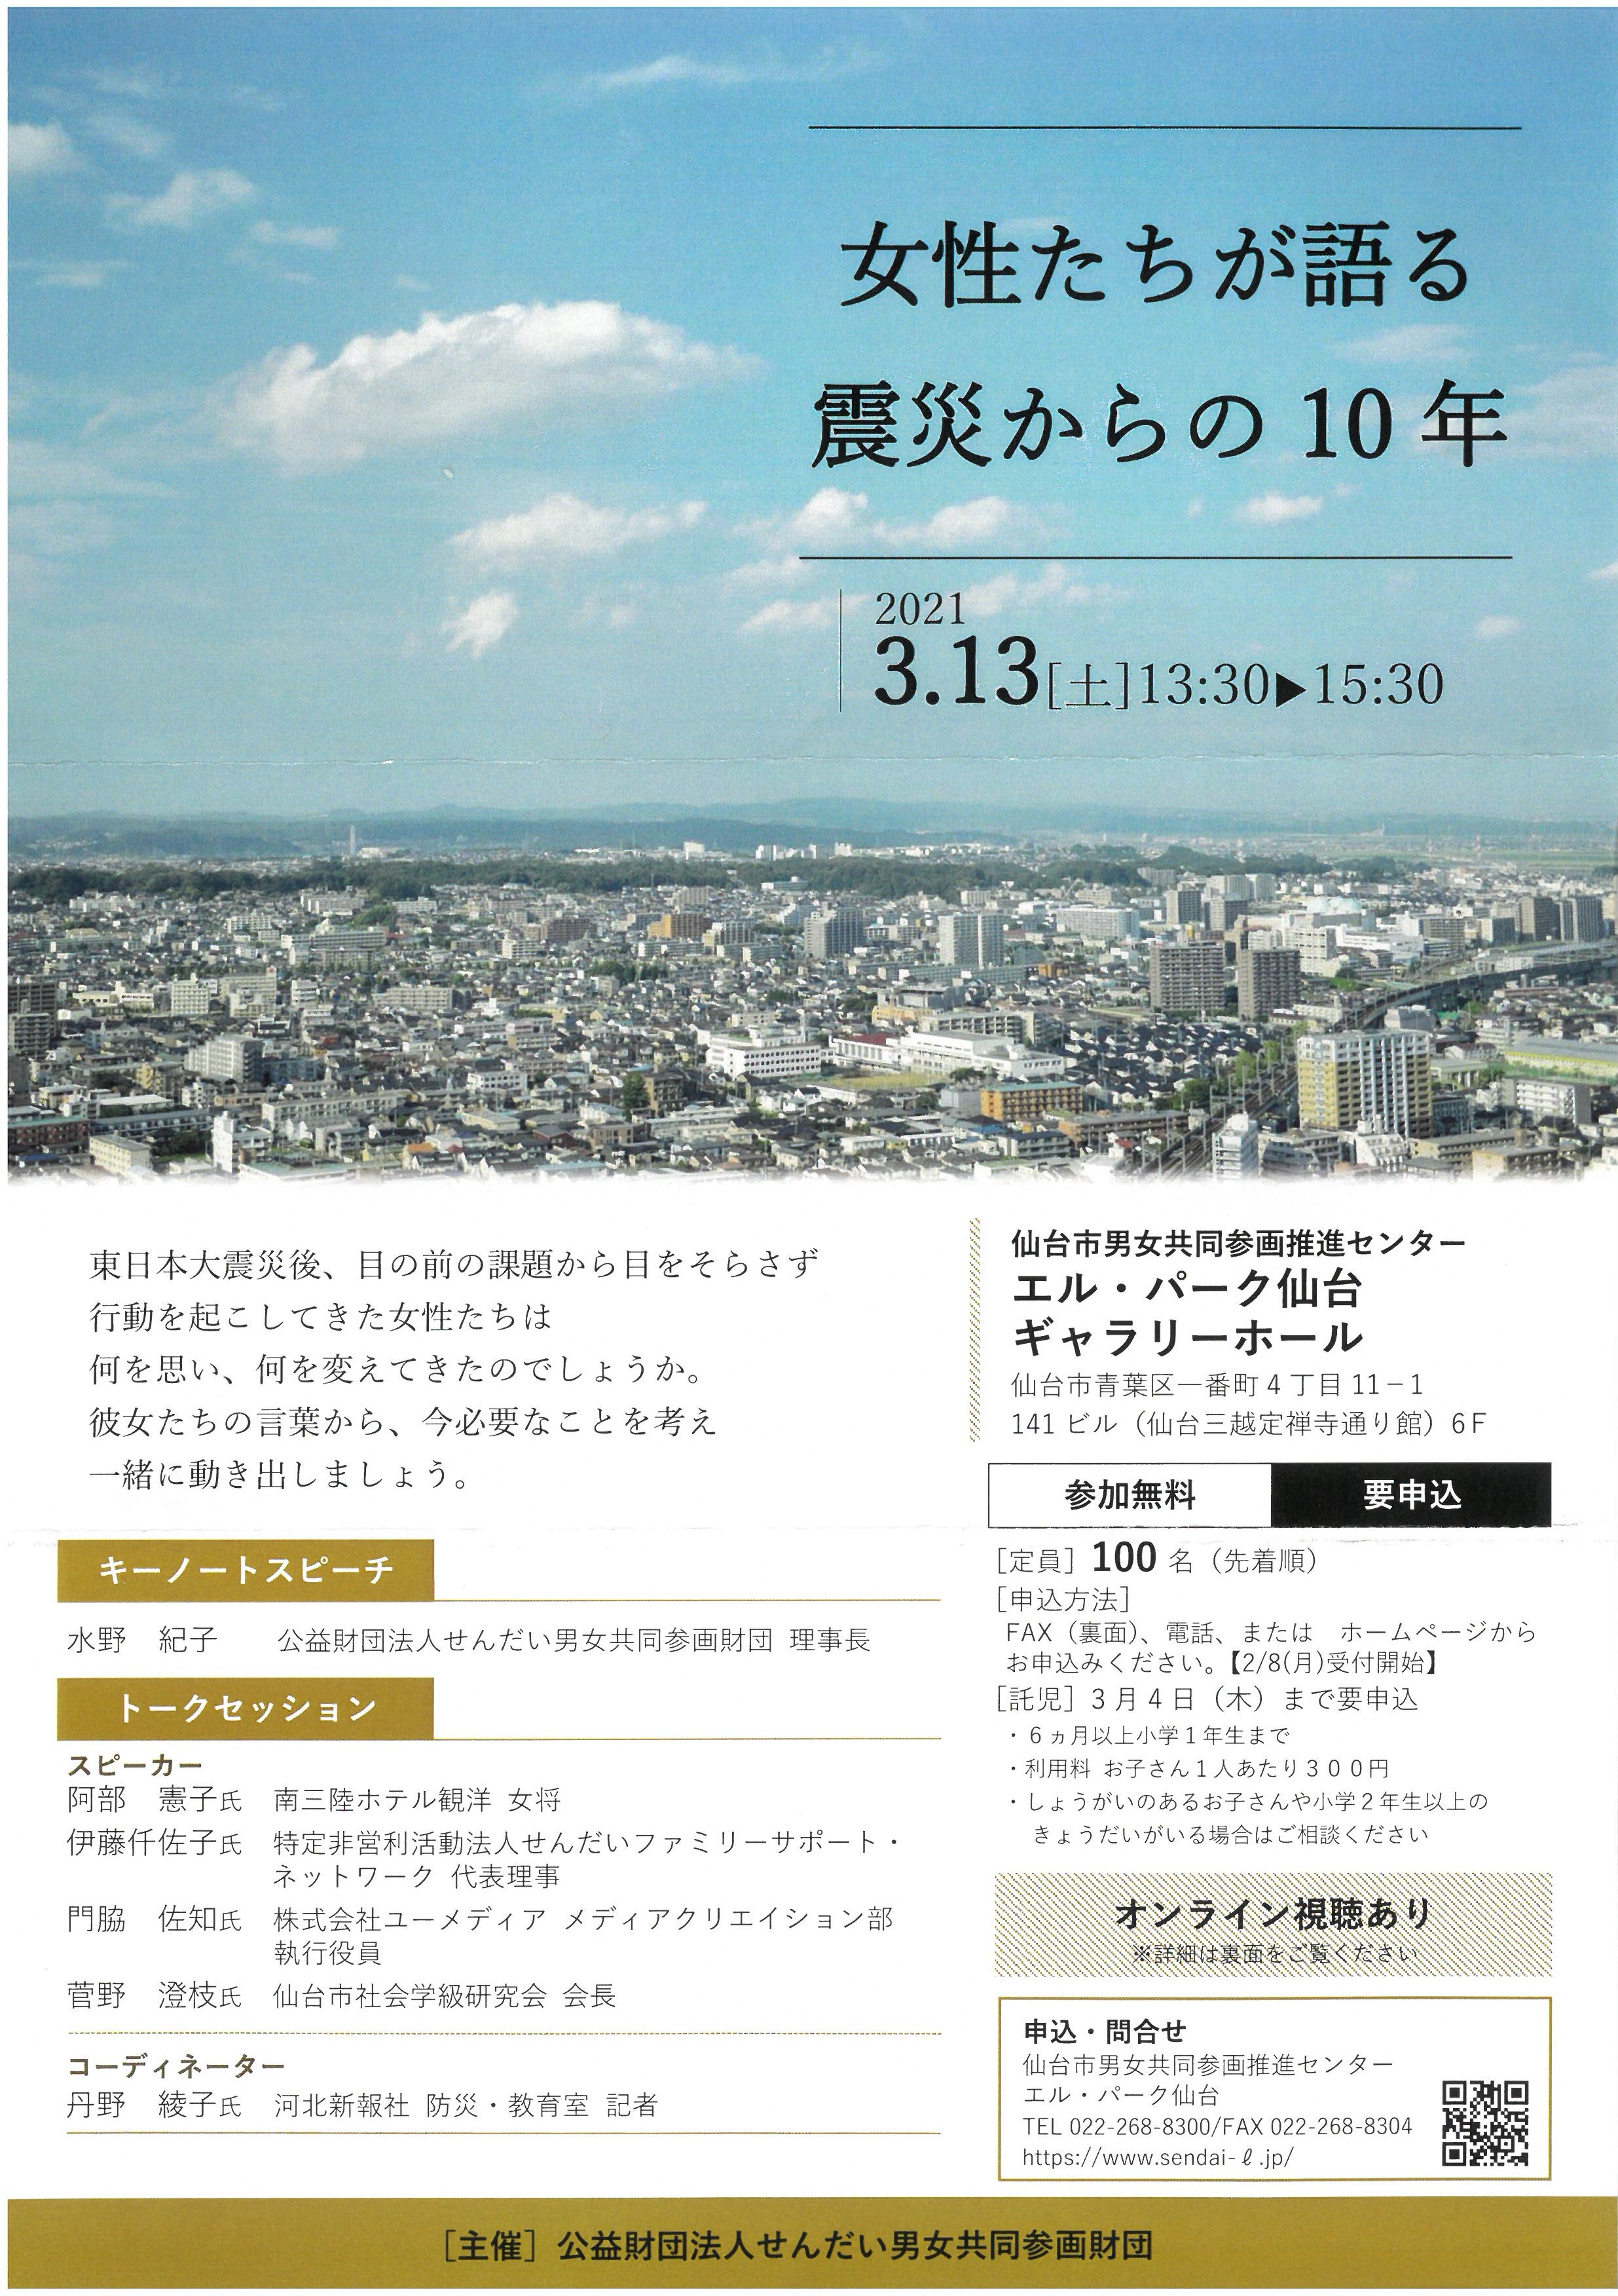 http://www.akita-south-jender.org/news/%E9%9C%87%E7%81%BD%E3%81%8B%E3%82%8910%E5%B9%B4.jpg